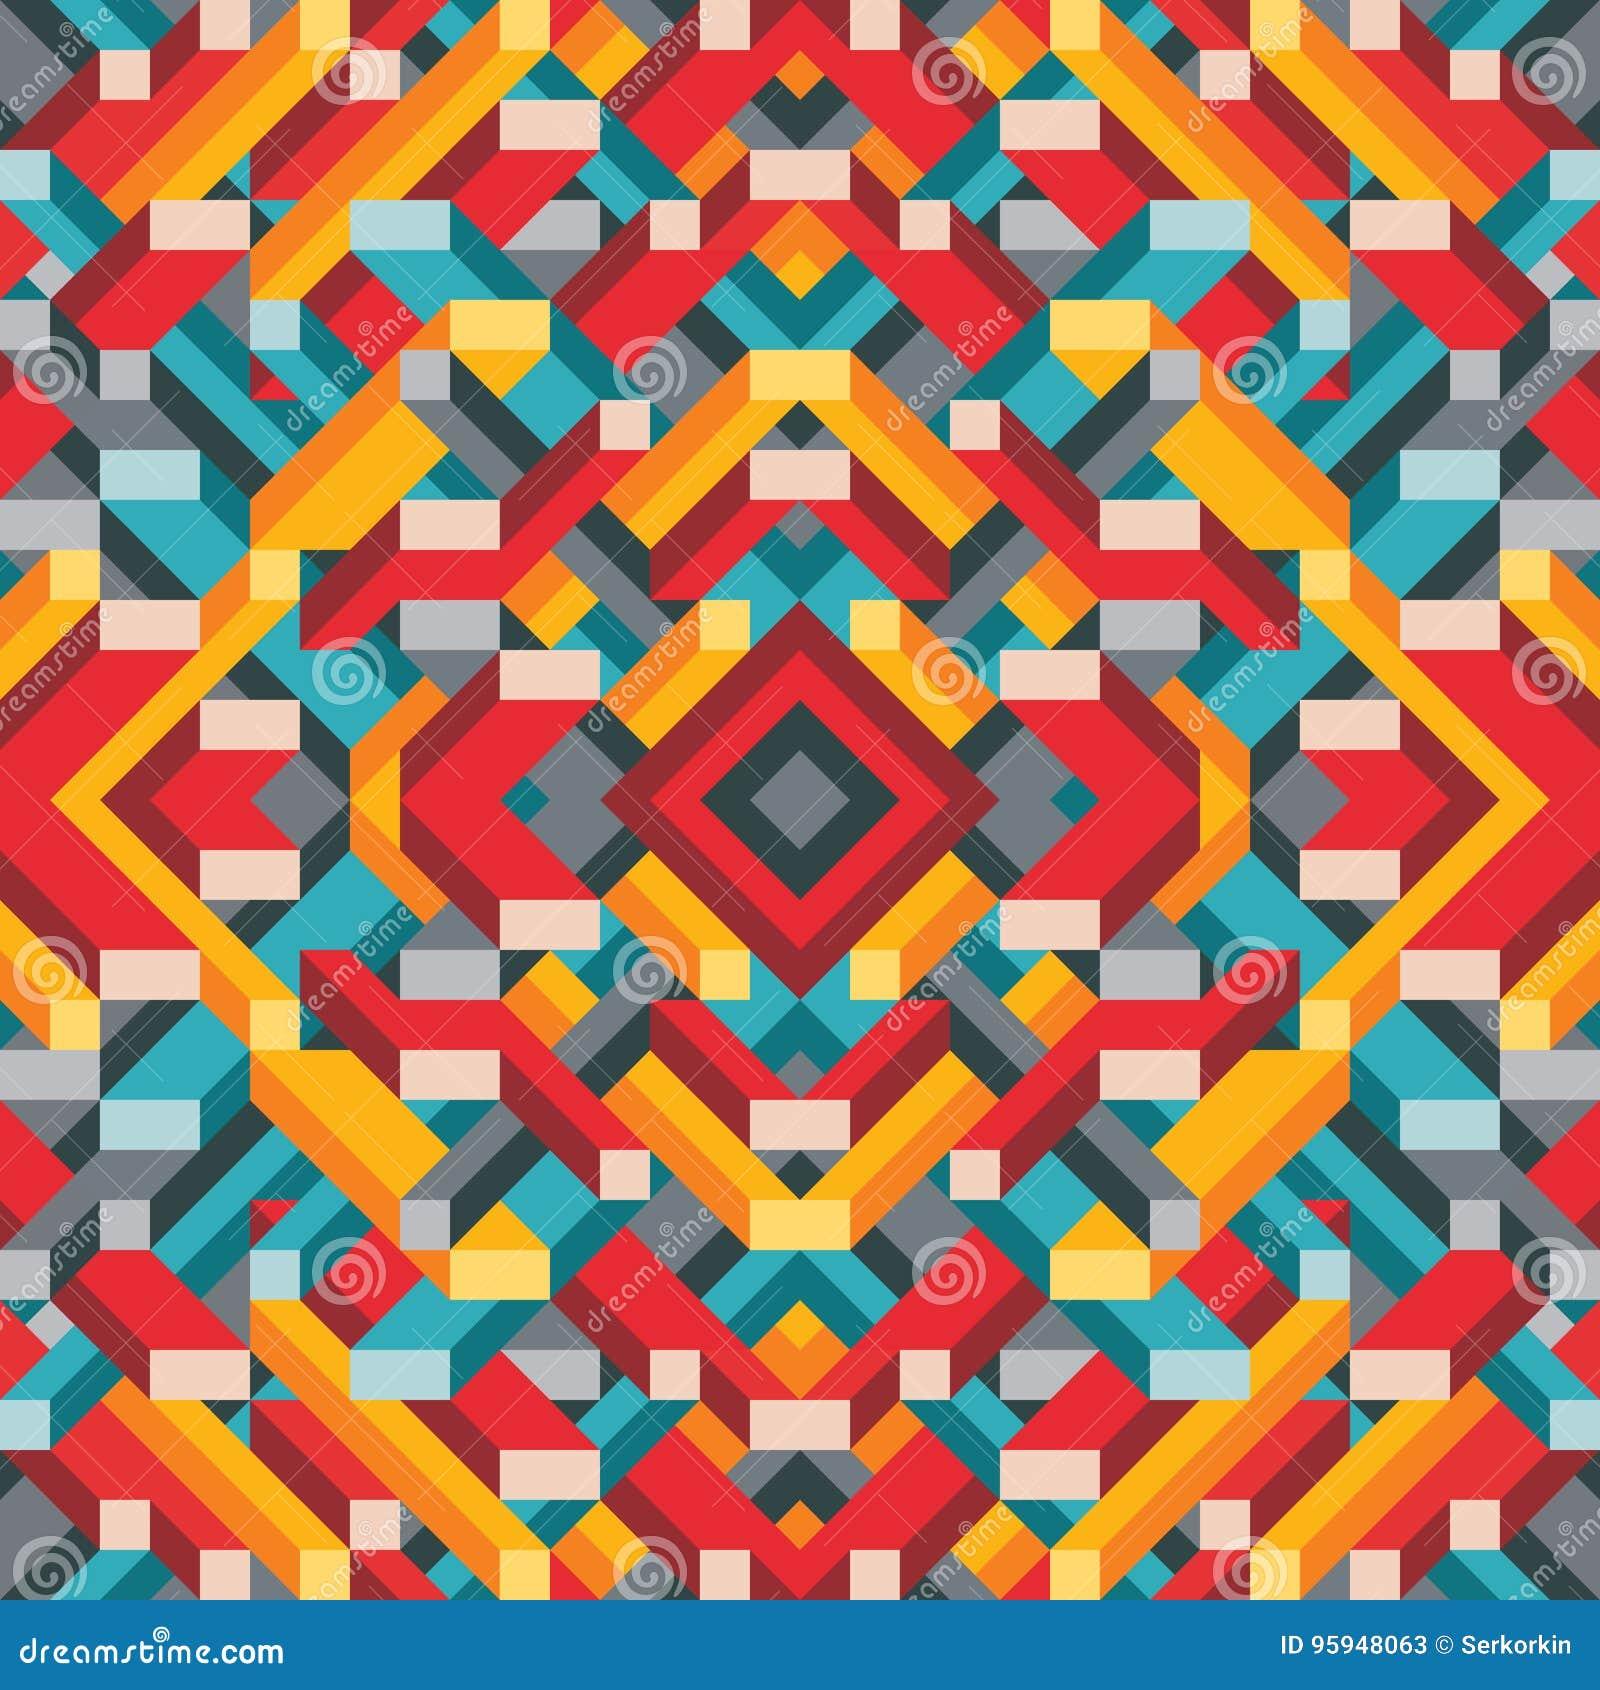 Abstracte geometrische vectorachtergrond voor presentatie, boekje, website en ander ontwerpproject Mozaïek gekleurd patroon